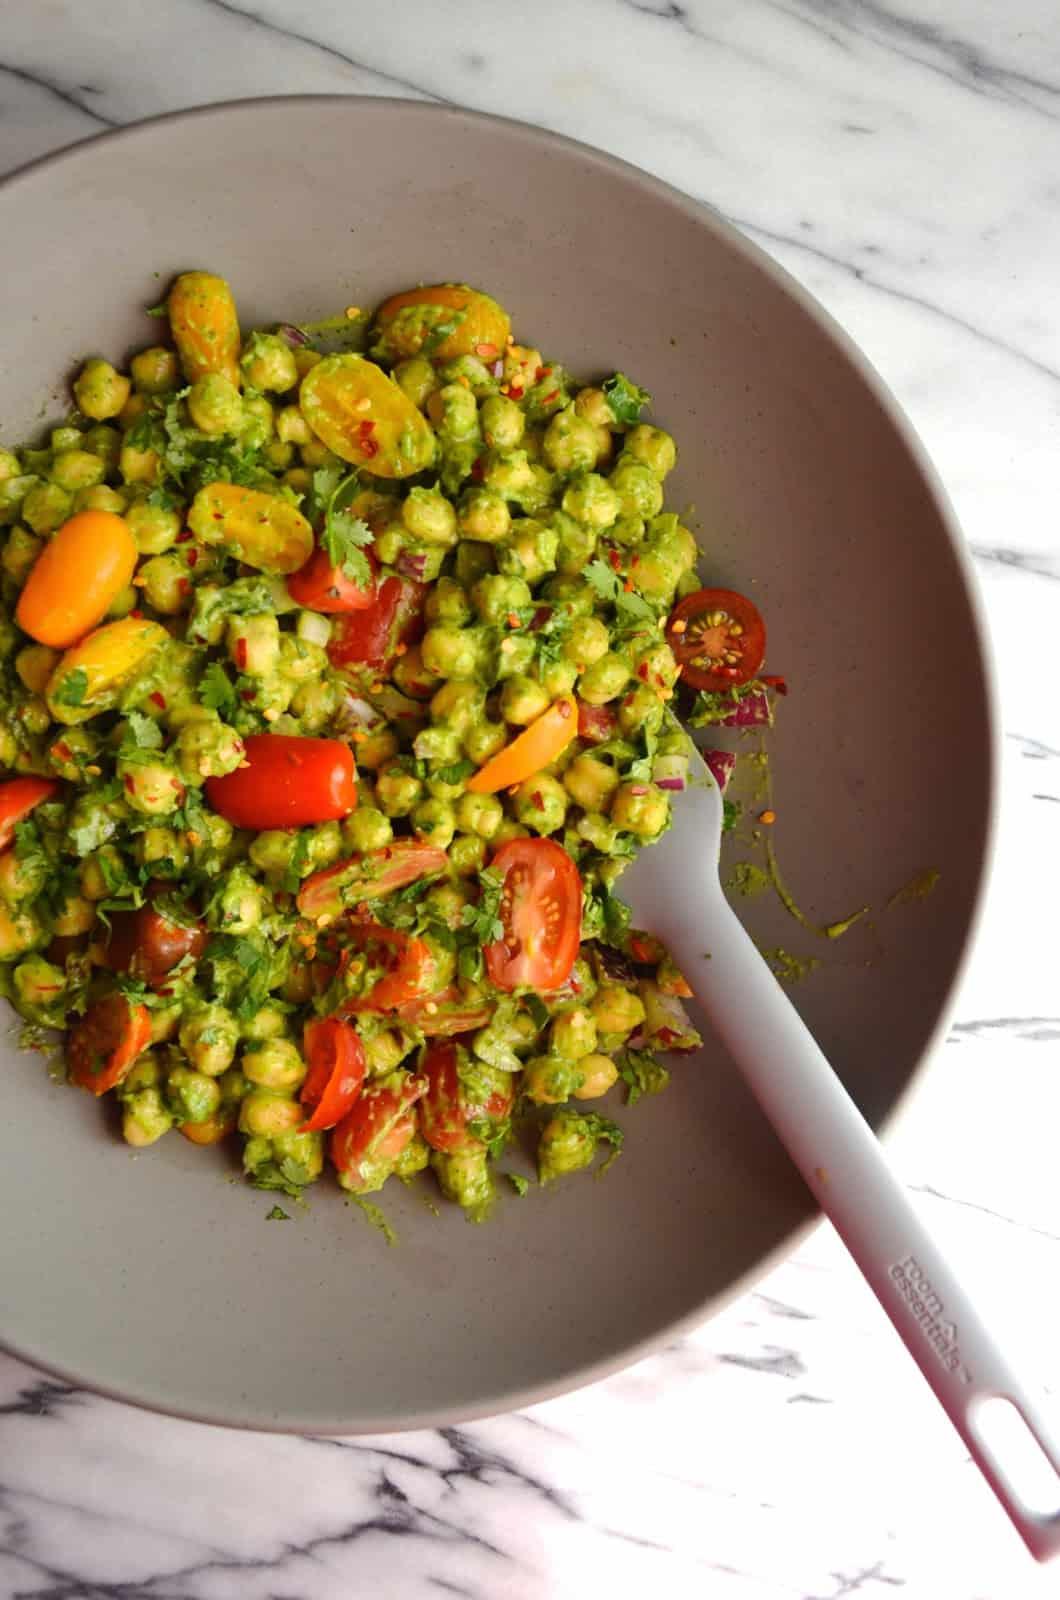 Guacamole chickpea salad